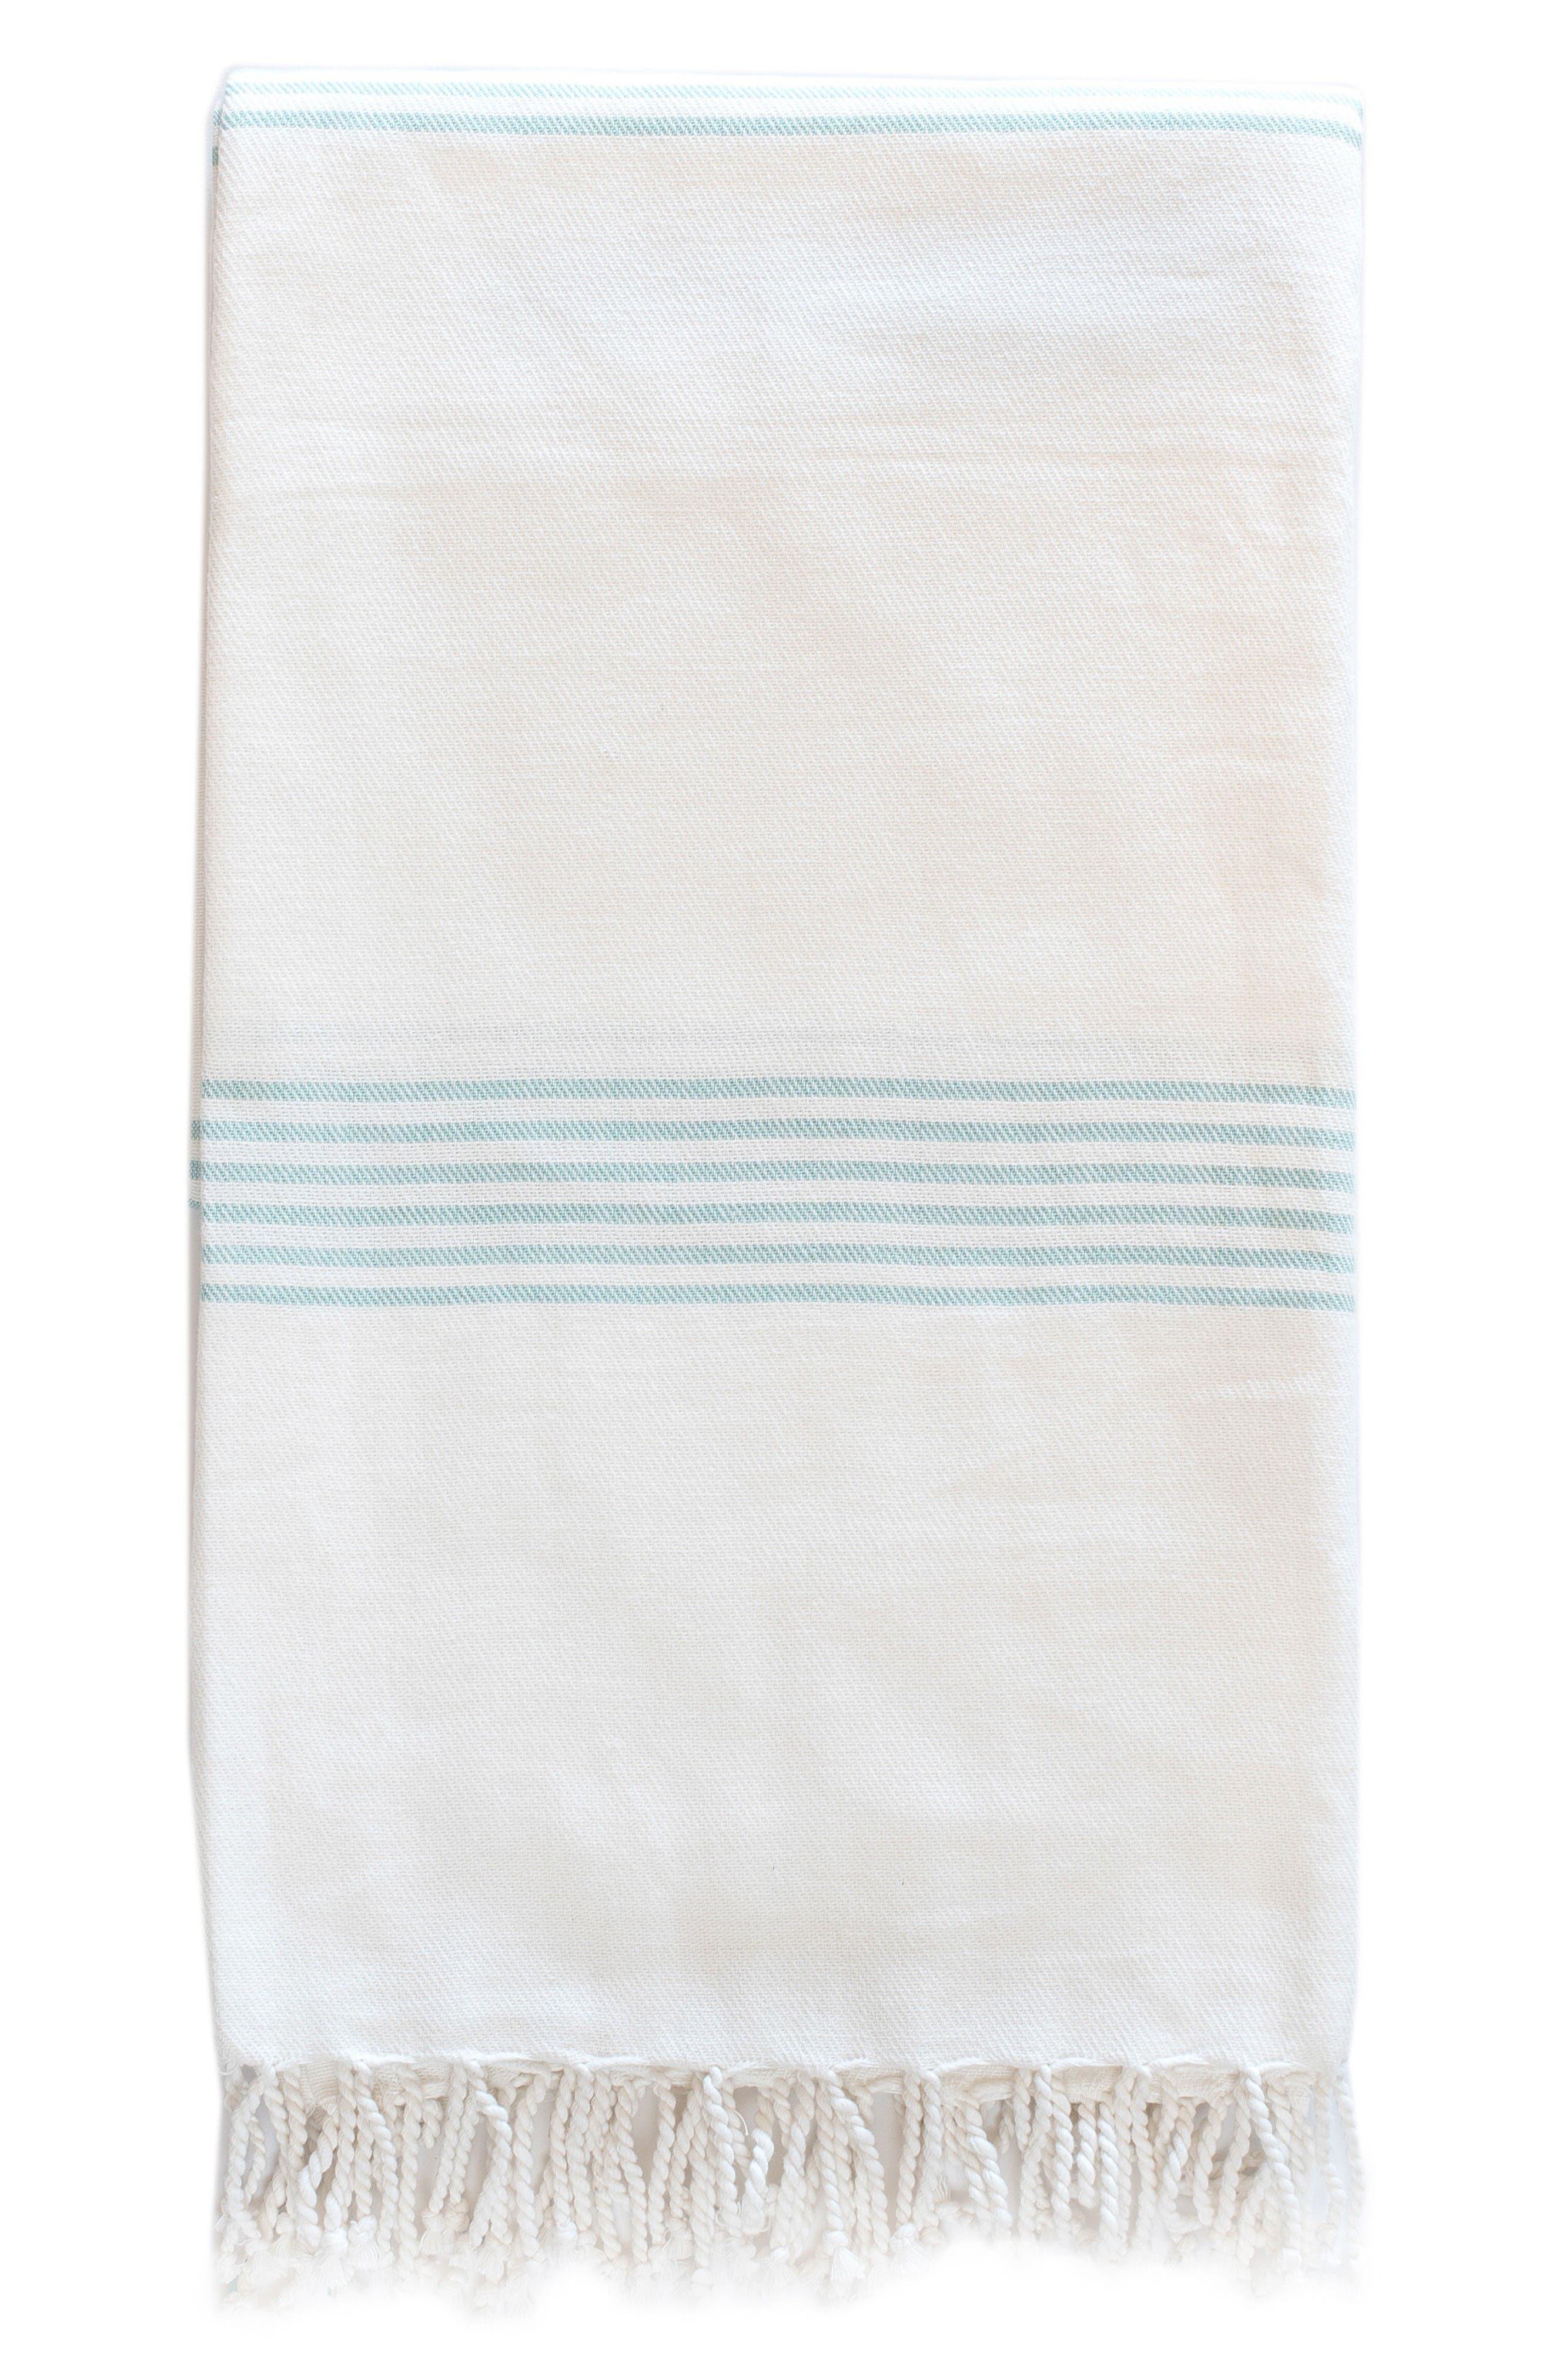 Main Image - zestt Hudson Throw Blanket